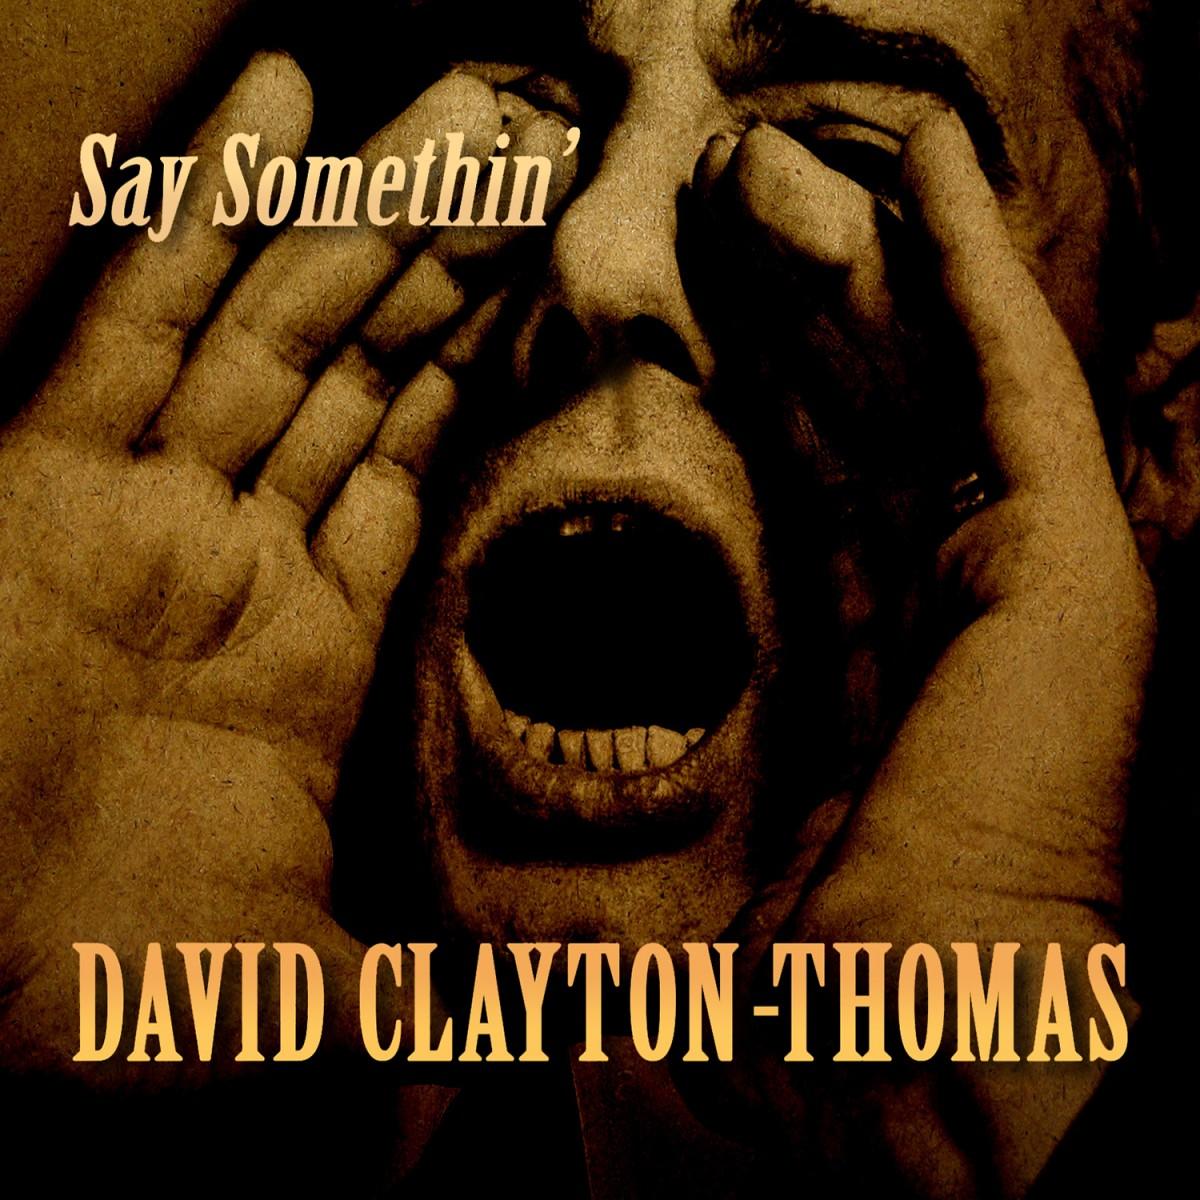 David Clayton-Thomas Says Somethin'